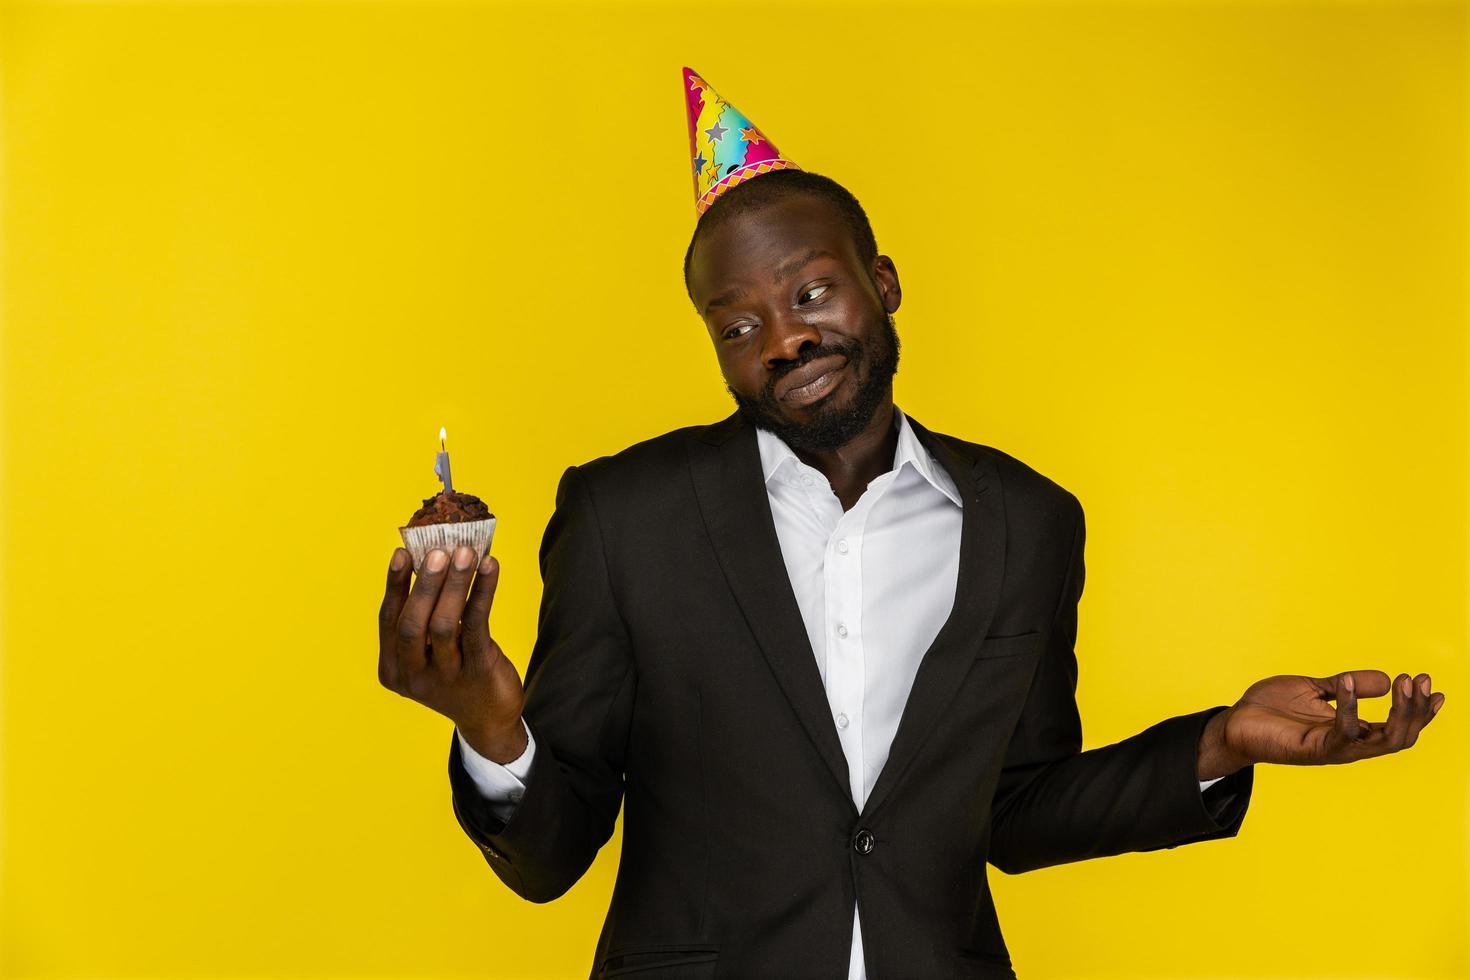 apuesto hombre de negocios parece perdido mientras sostiene un pastel de cumpleaños foto